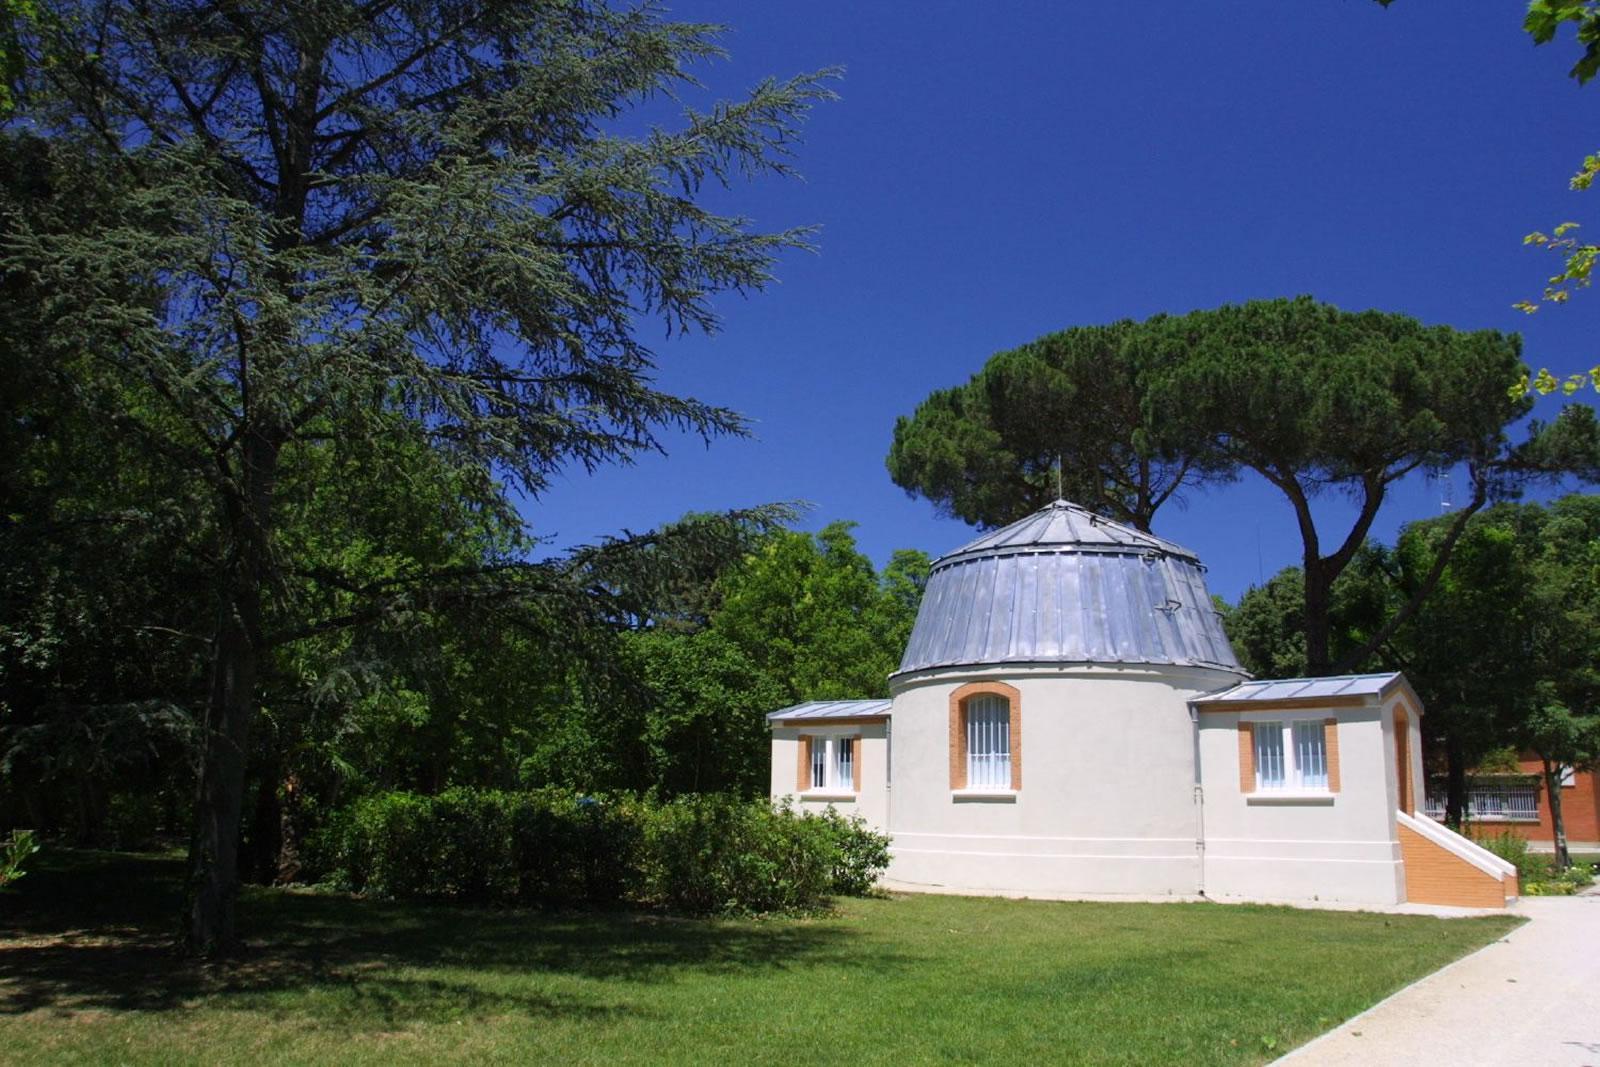 Image : Parc De L'observatoire